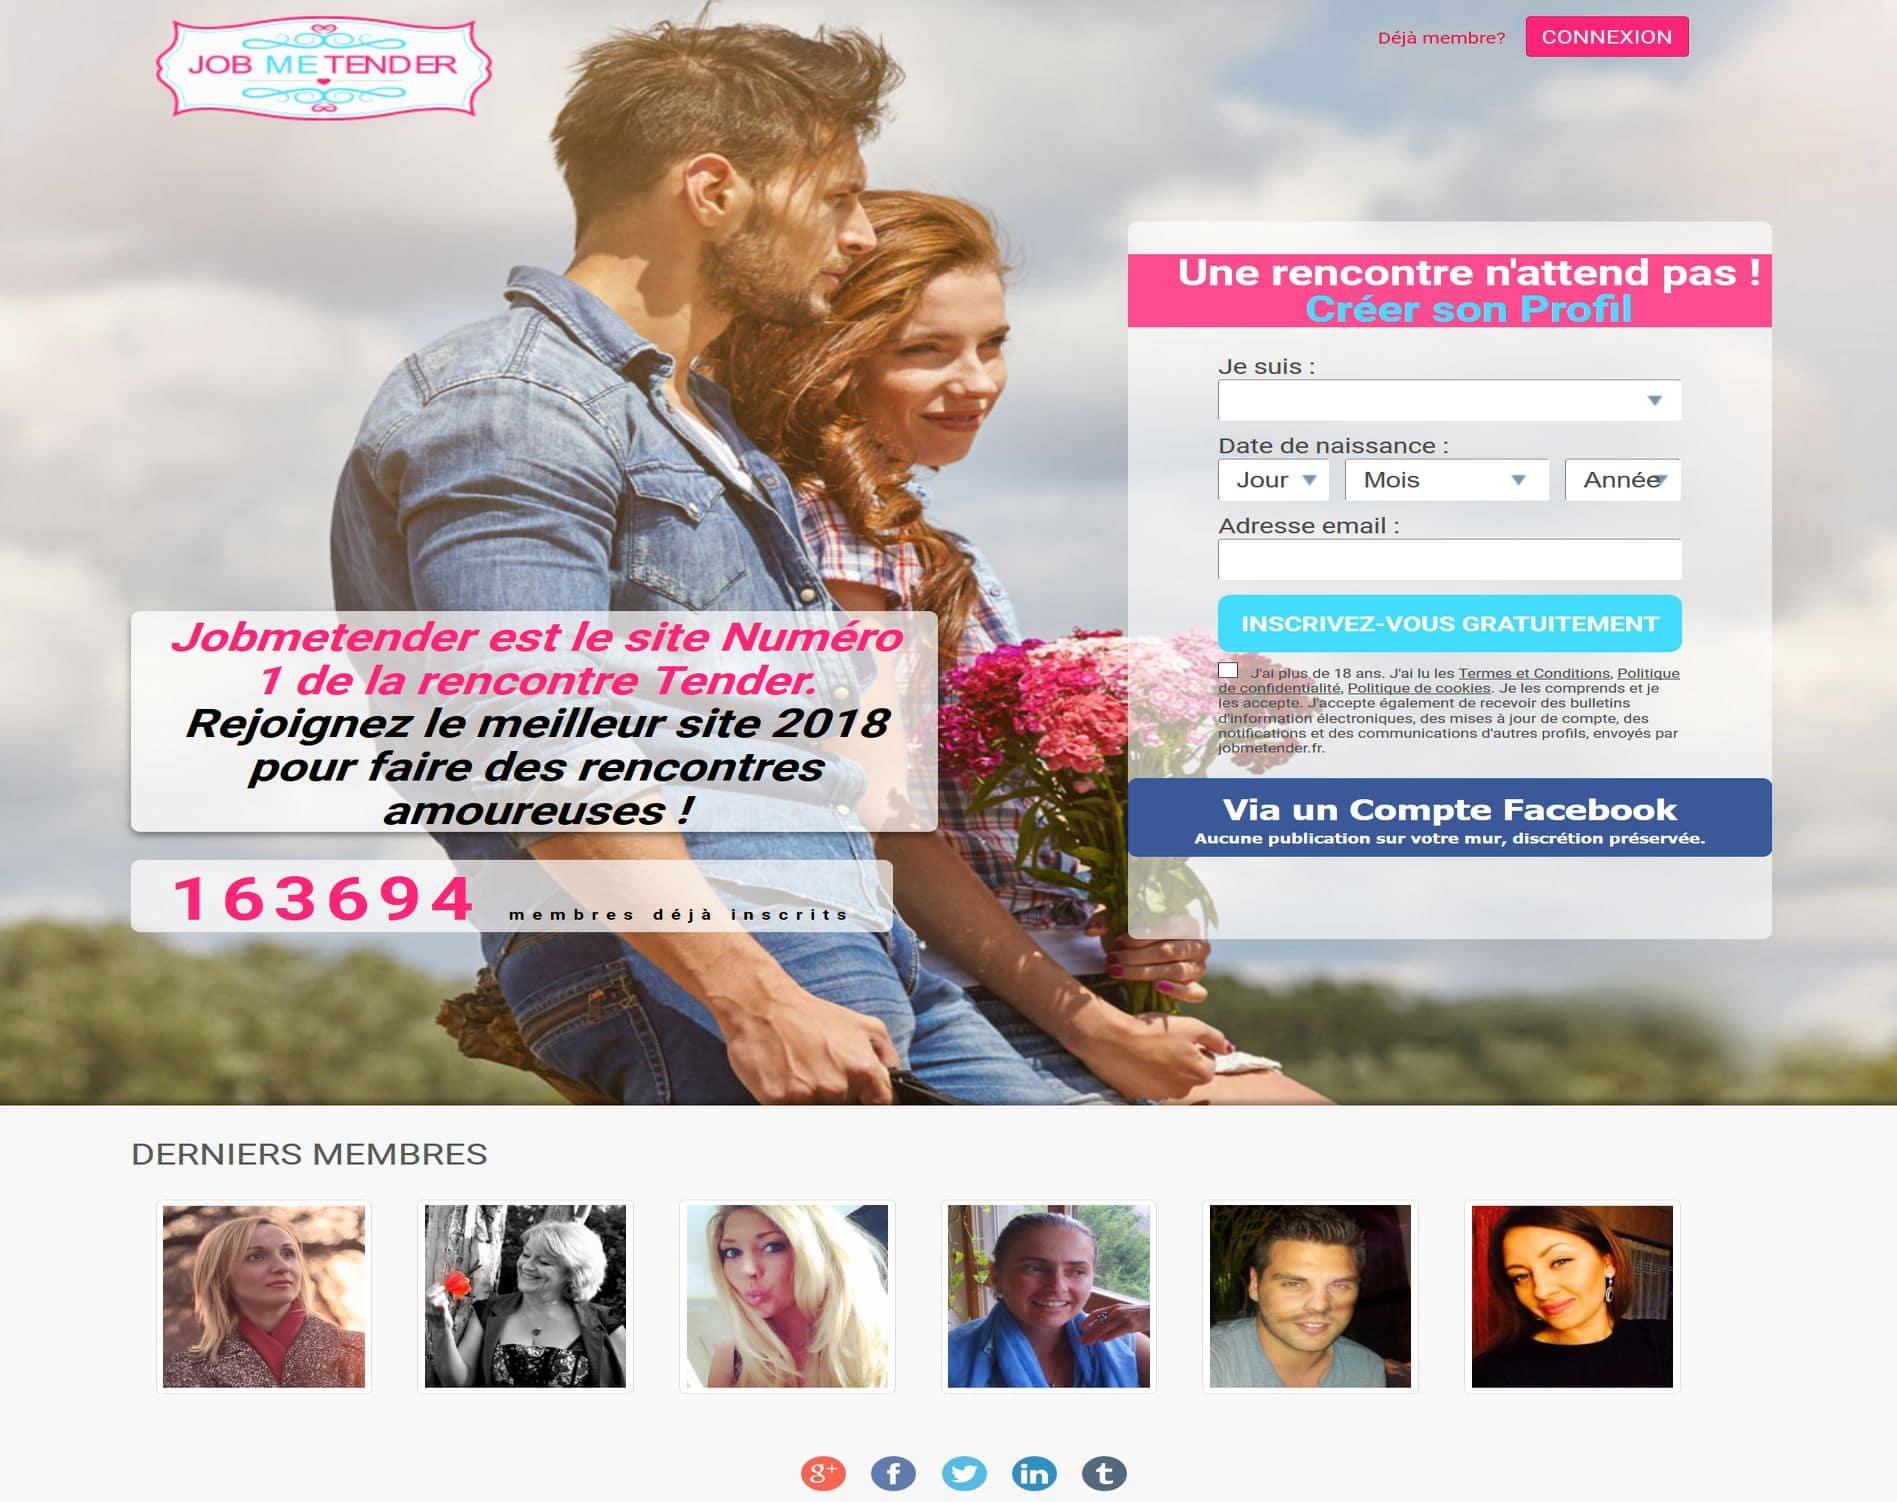 Rencontre Beauce - Site de rencontre gratuit Beauce